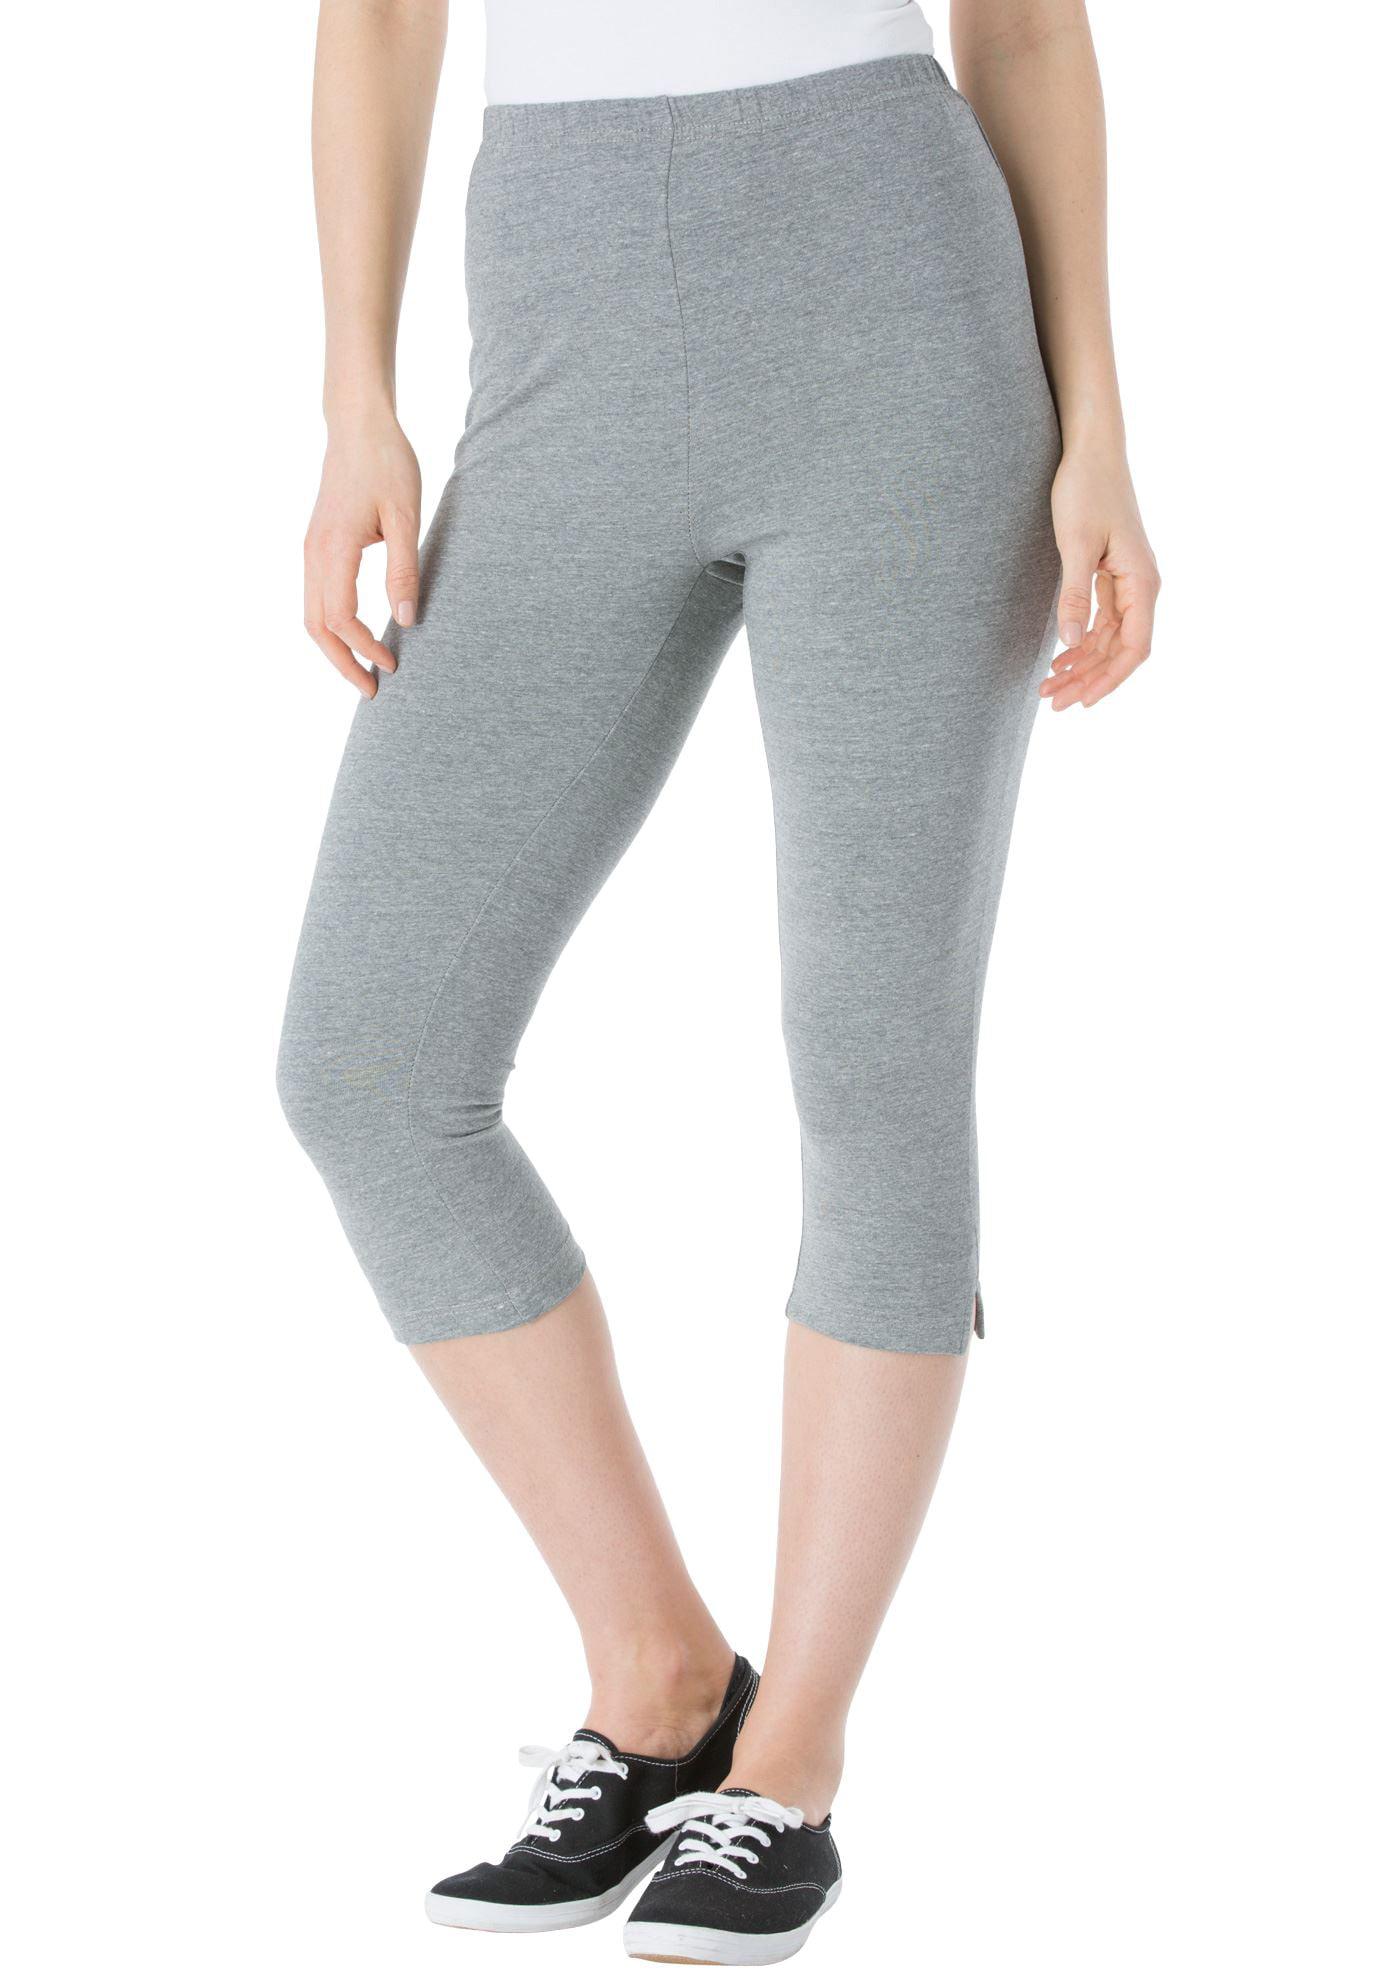 Plus Size Petite Stretch Cotton Capri Legging